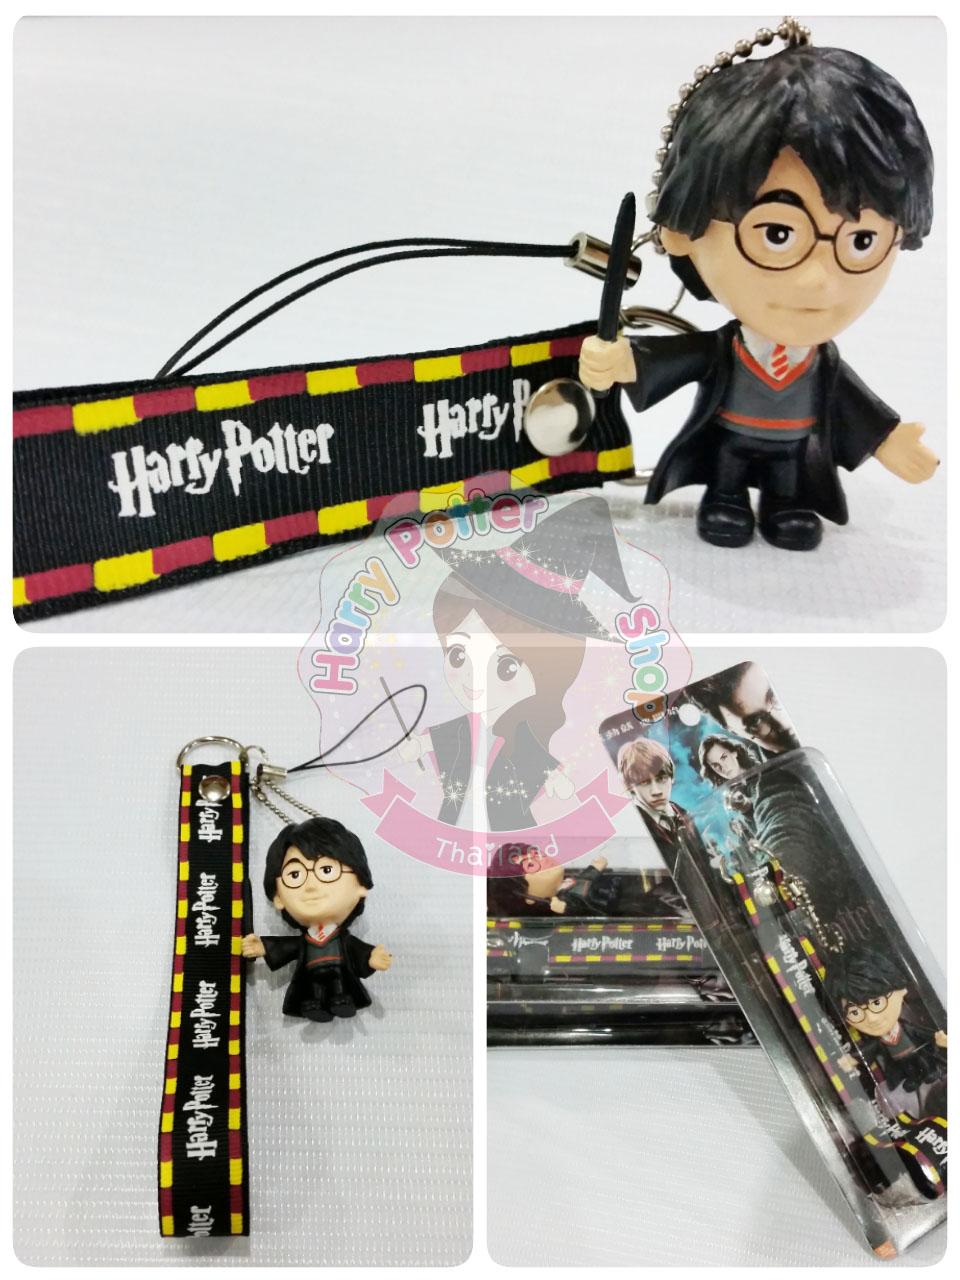 ที่ห้อยโทรศัพท์ แฮร์รี่ พอตเตอร์ น้อย